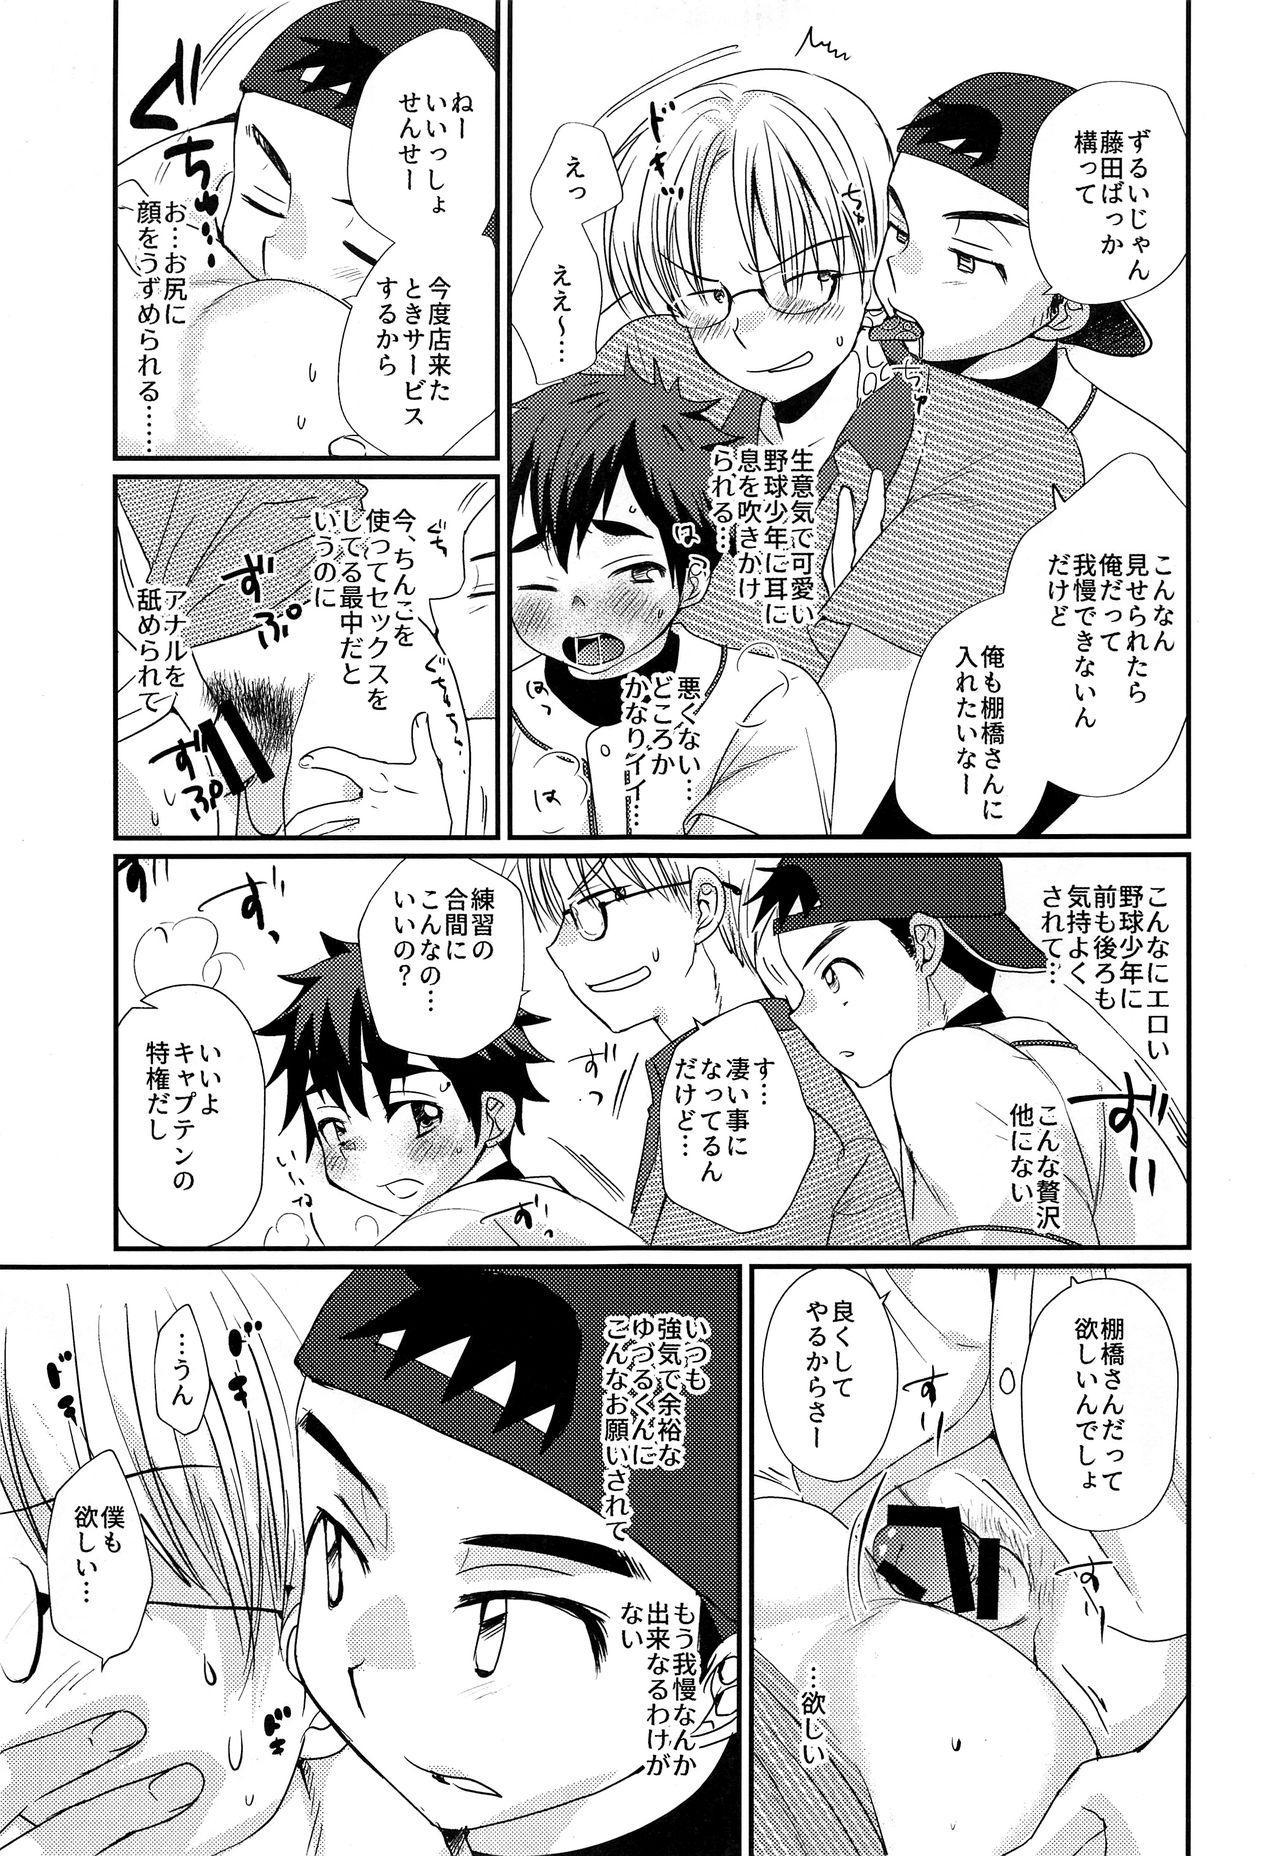 Tokumori! Shota Fuuzoku Saizensen 20